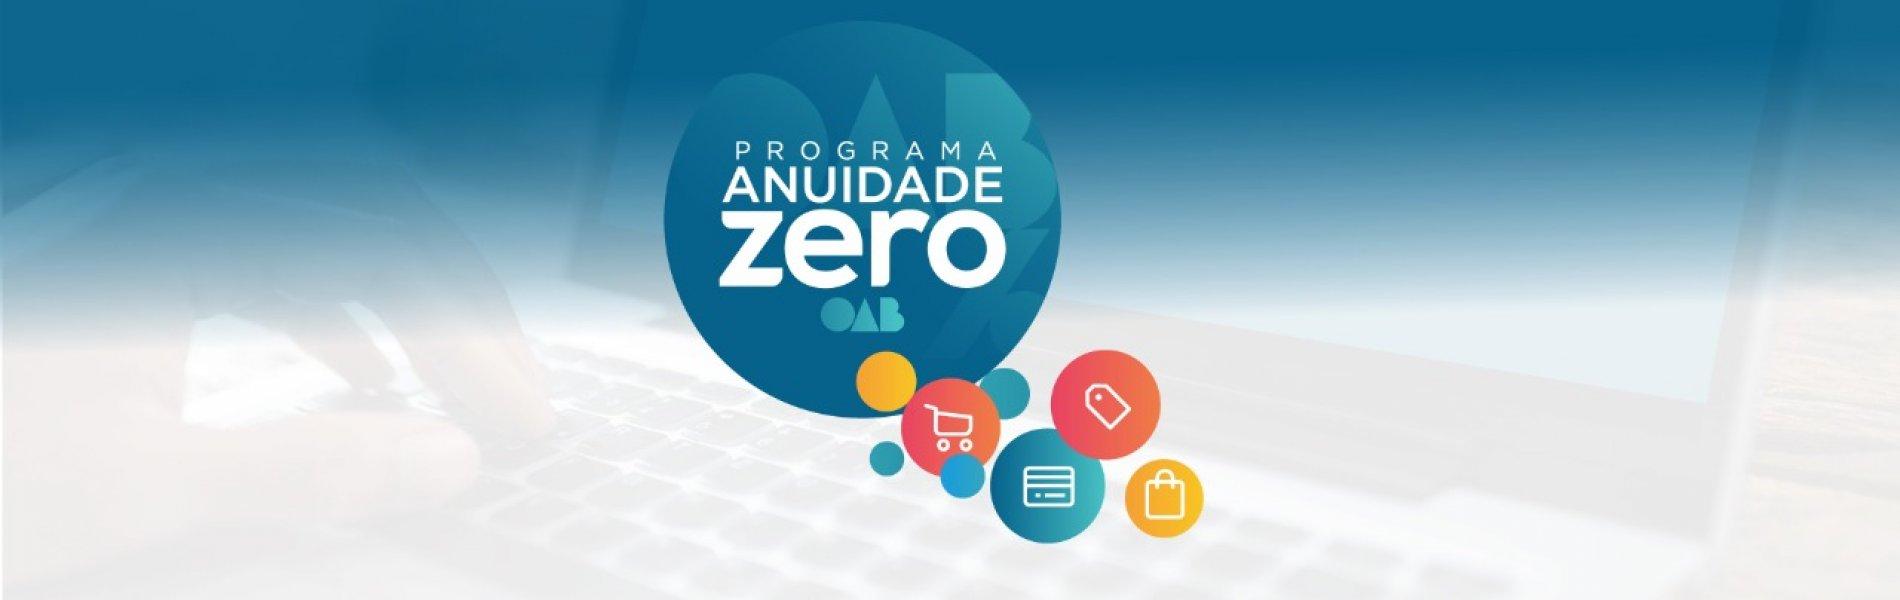 [Anuidade Zero é opção de economia, praticidade e segurança na crise]